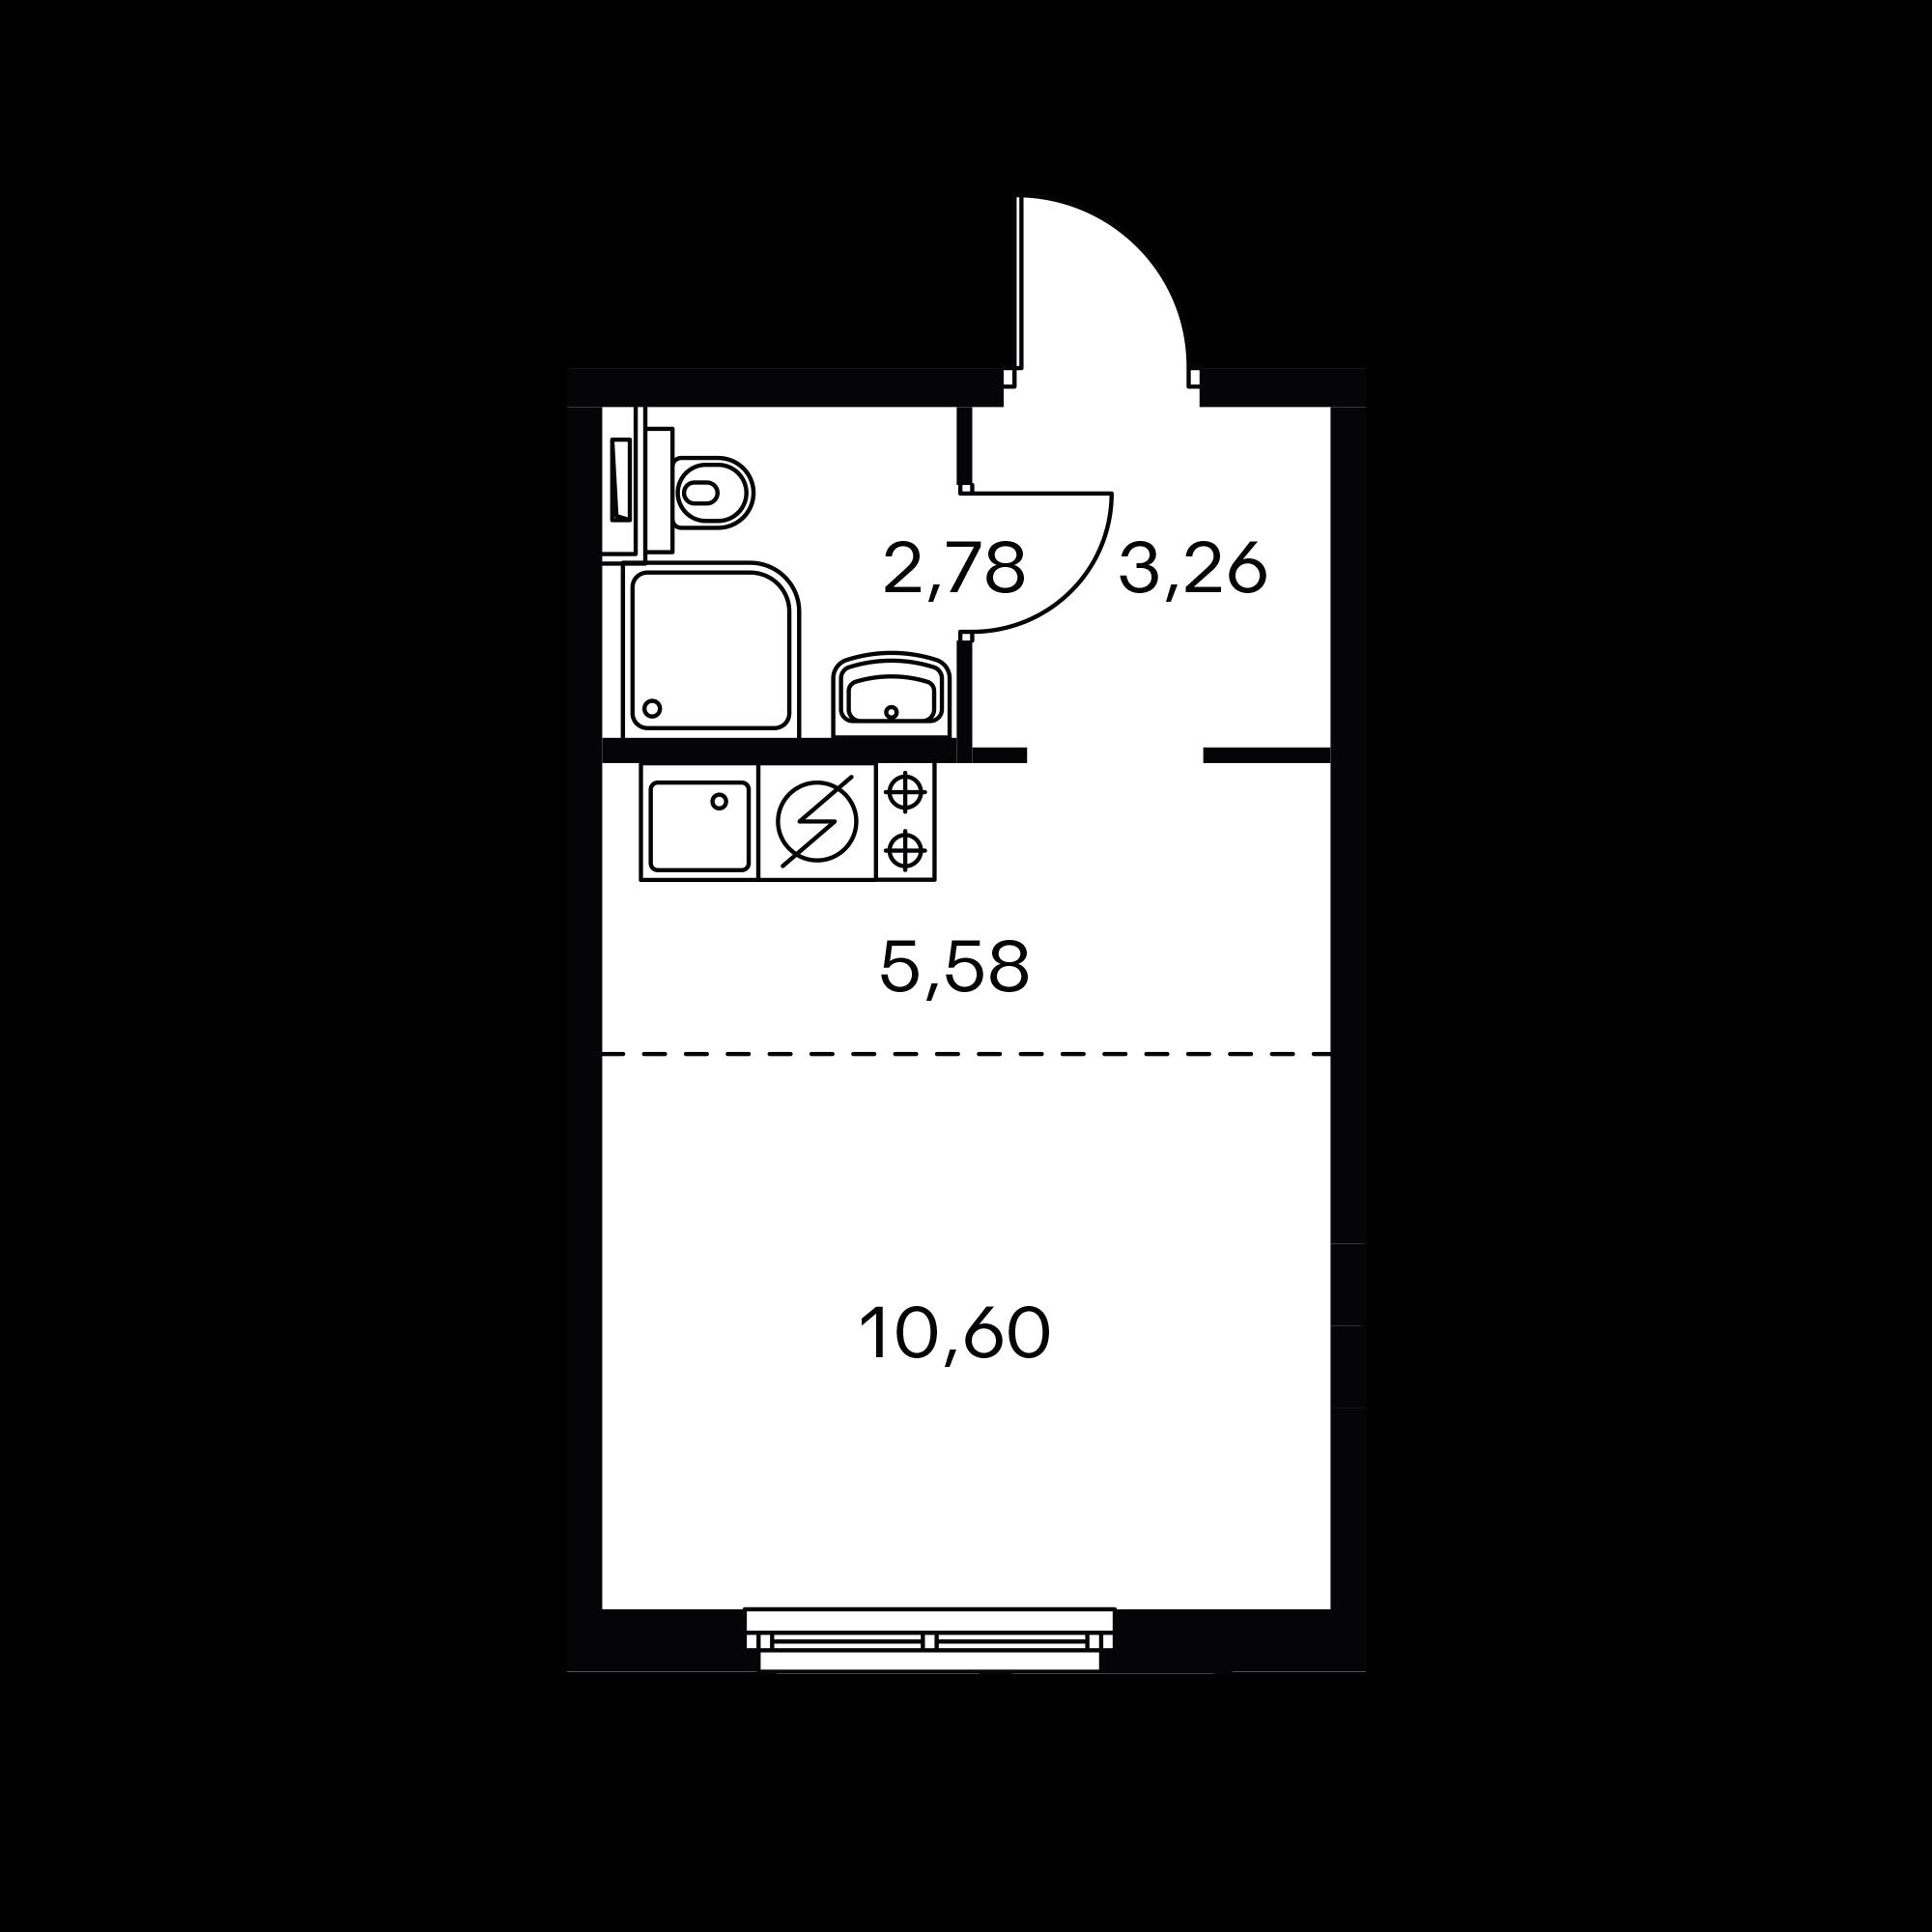 1NS1_3.9-1_S_Z2